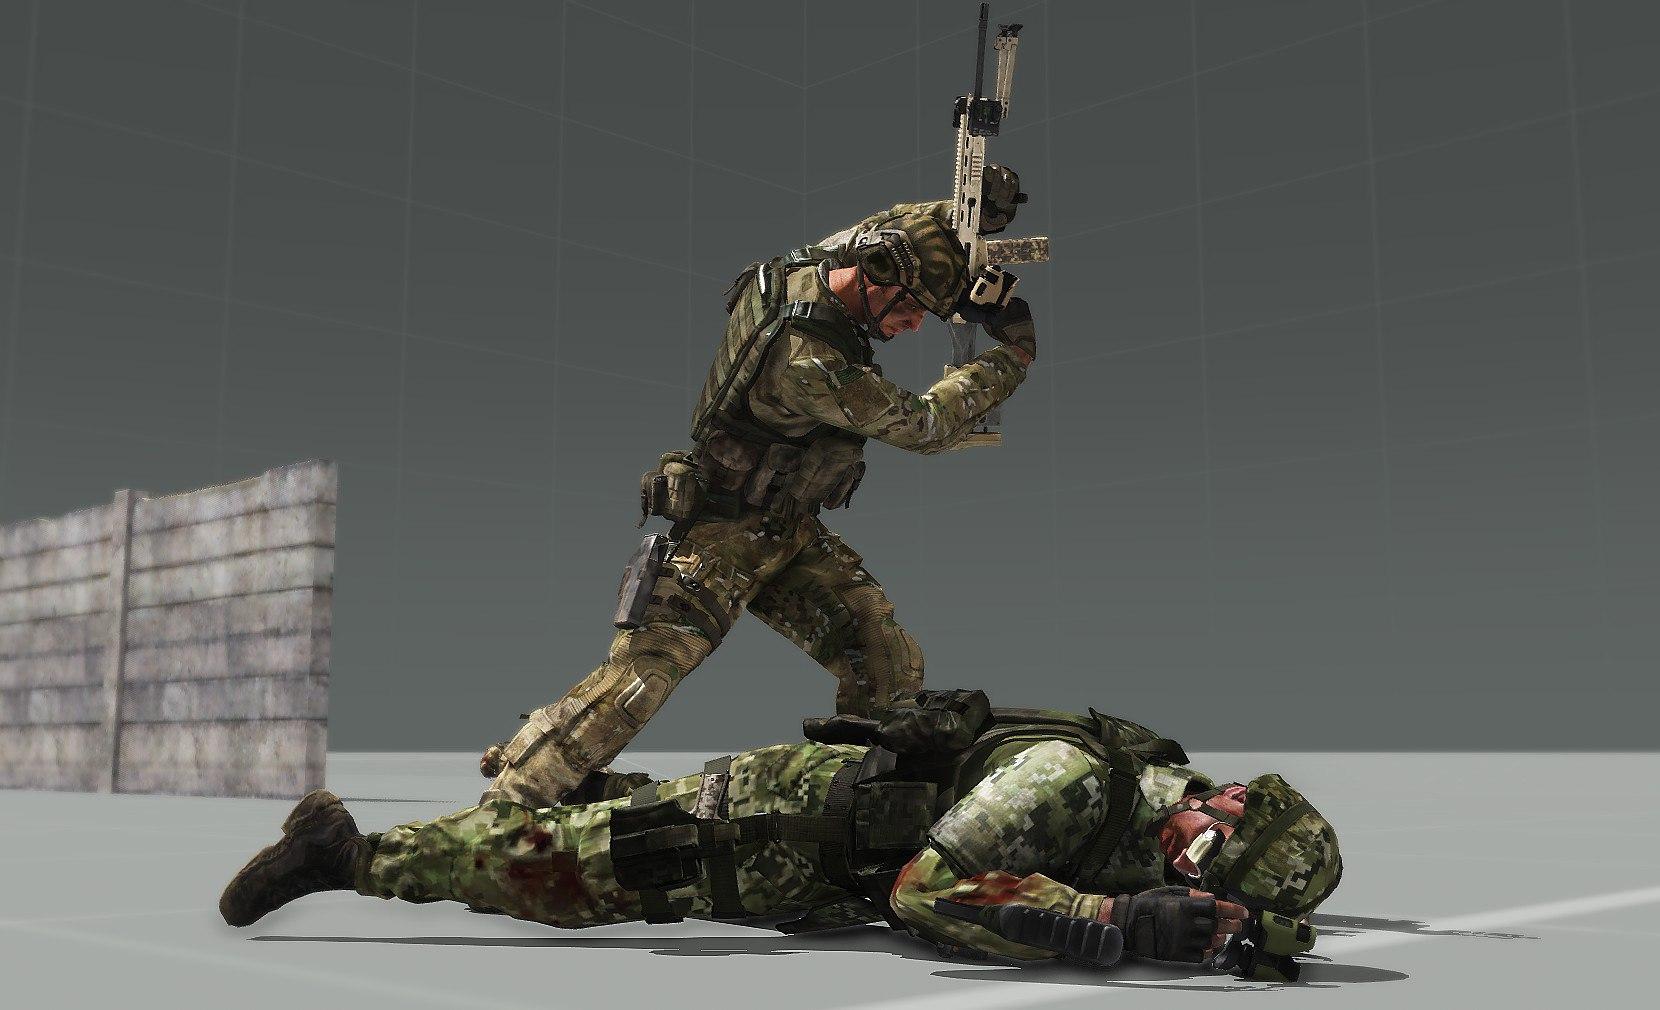 M9QO2gbAQls.jpg